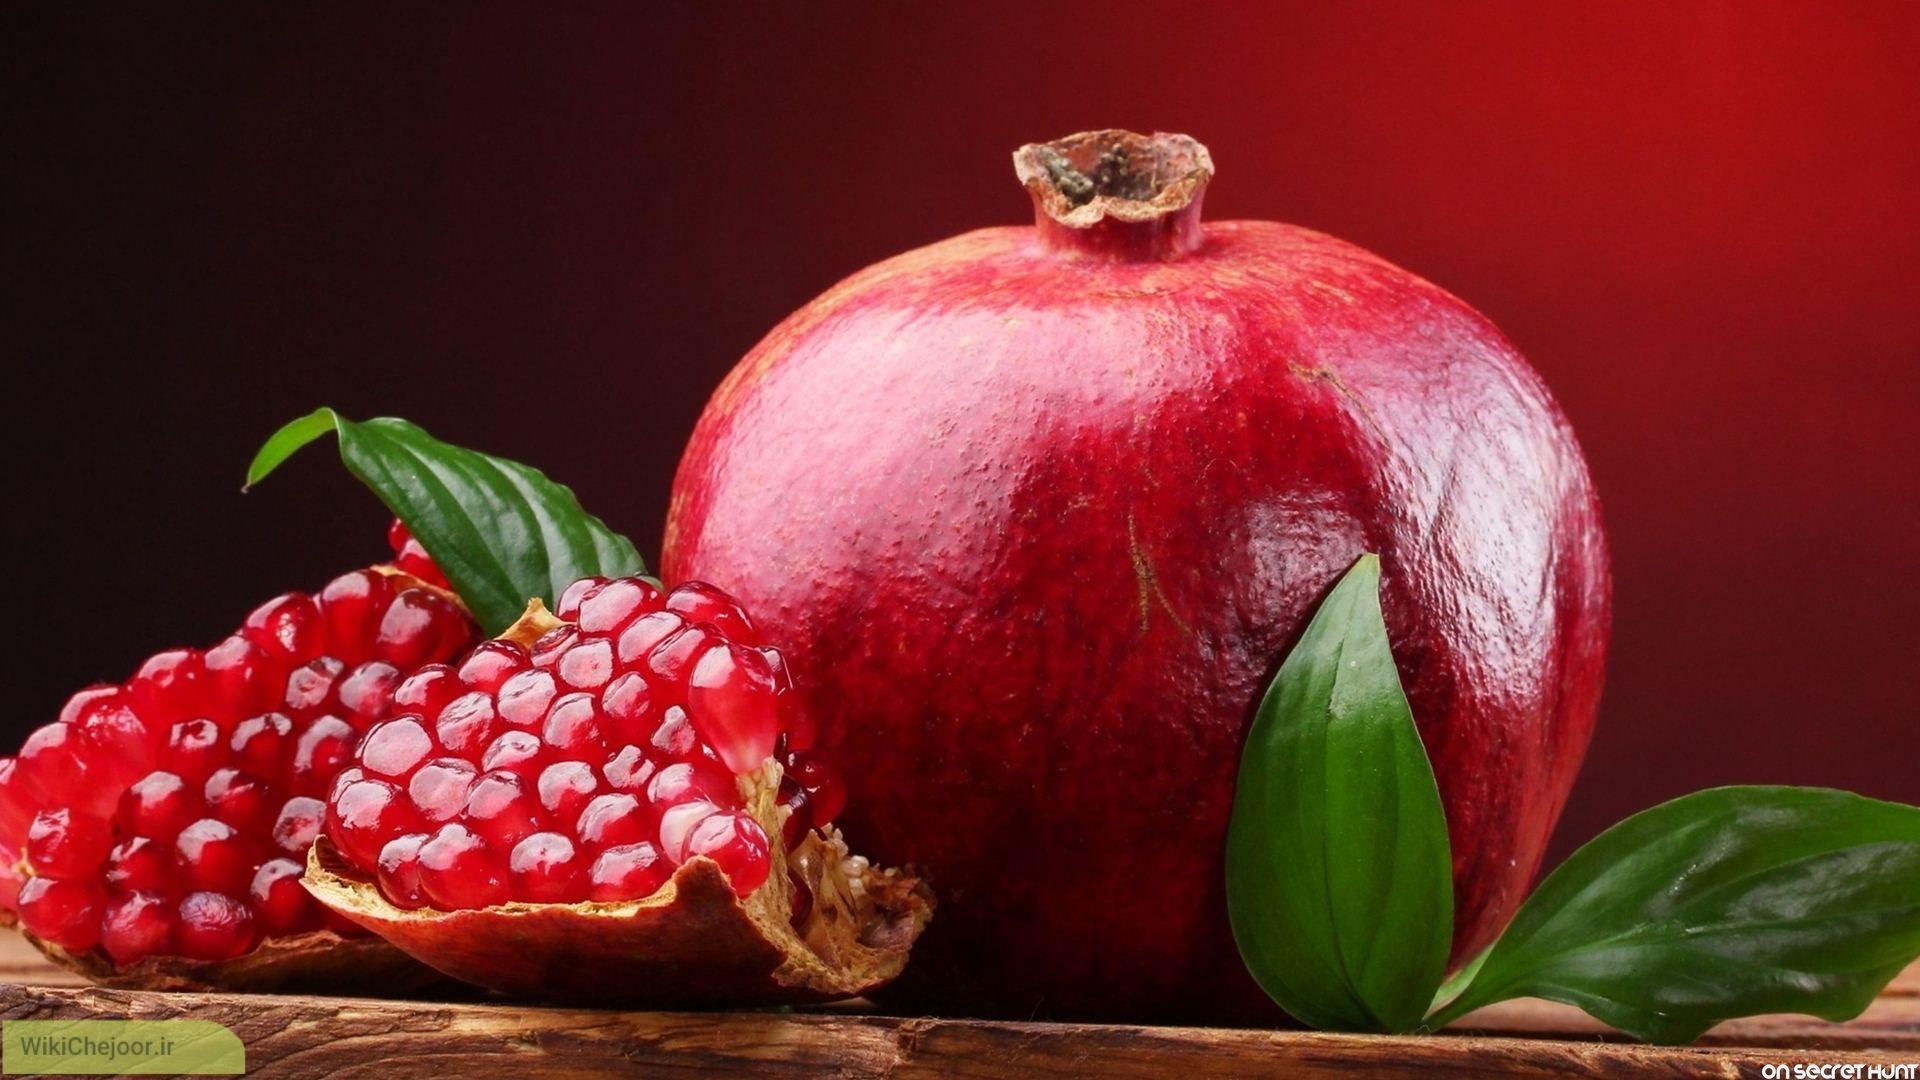 چگونه انار باعث زیبایی پوست میشود؟